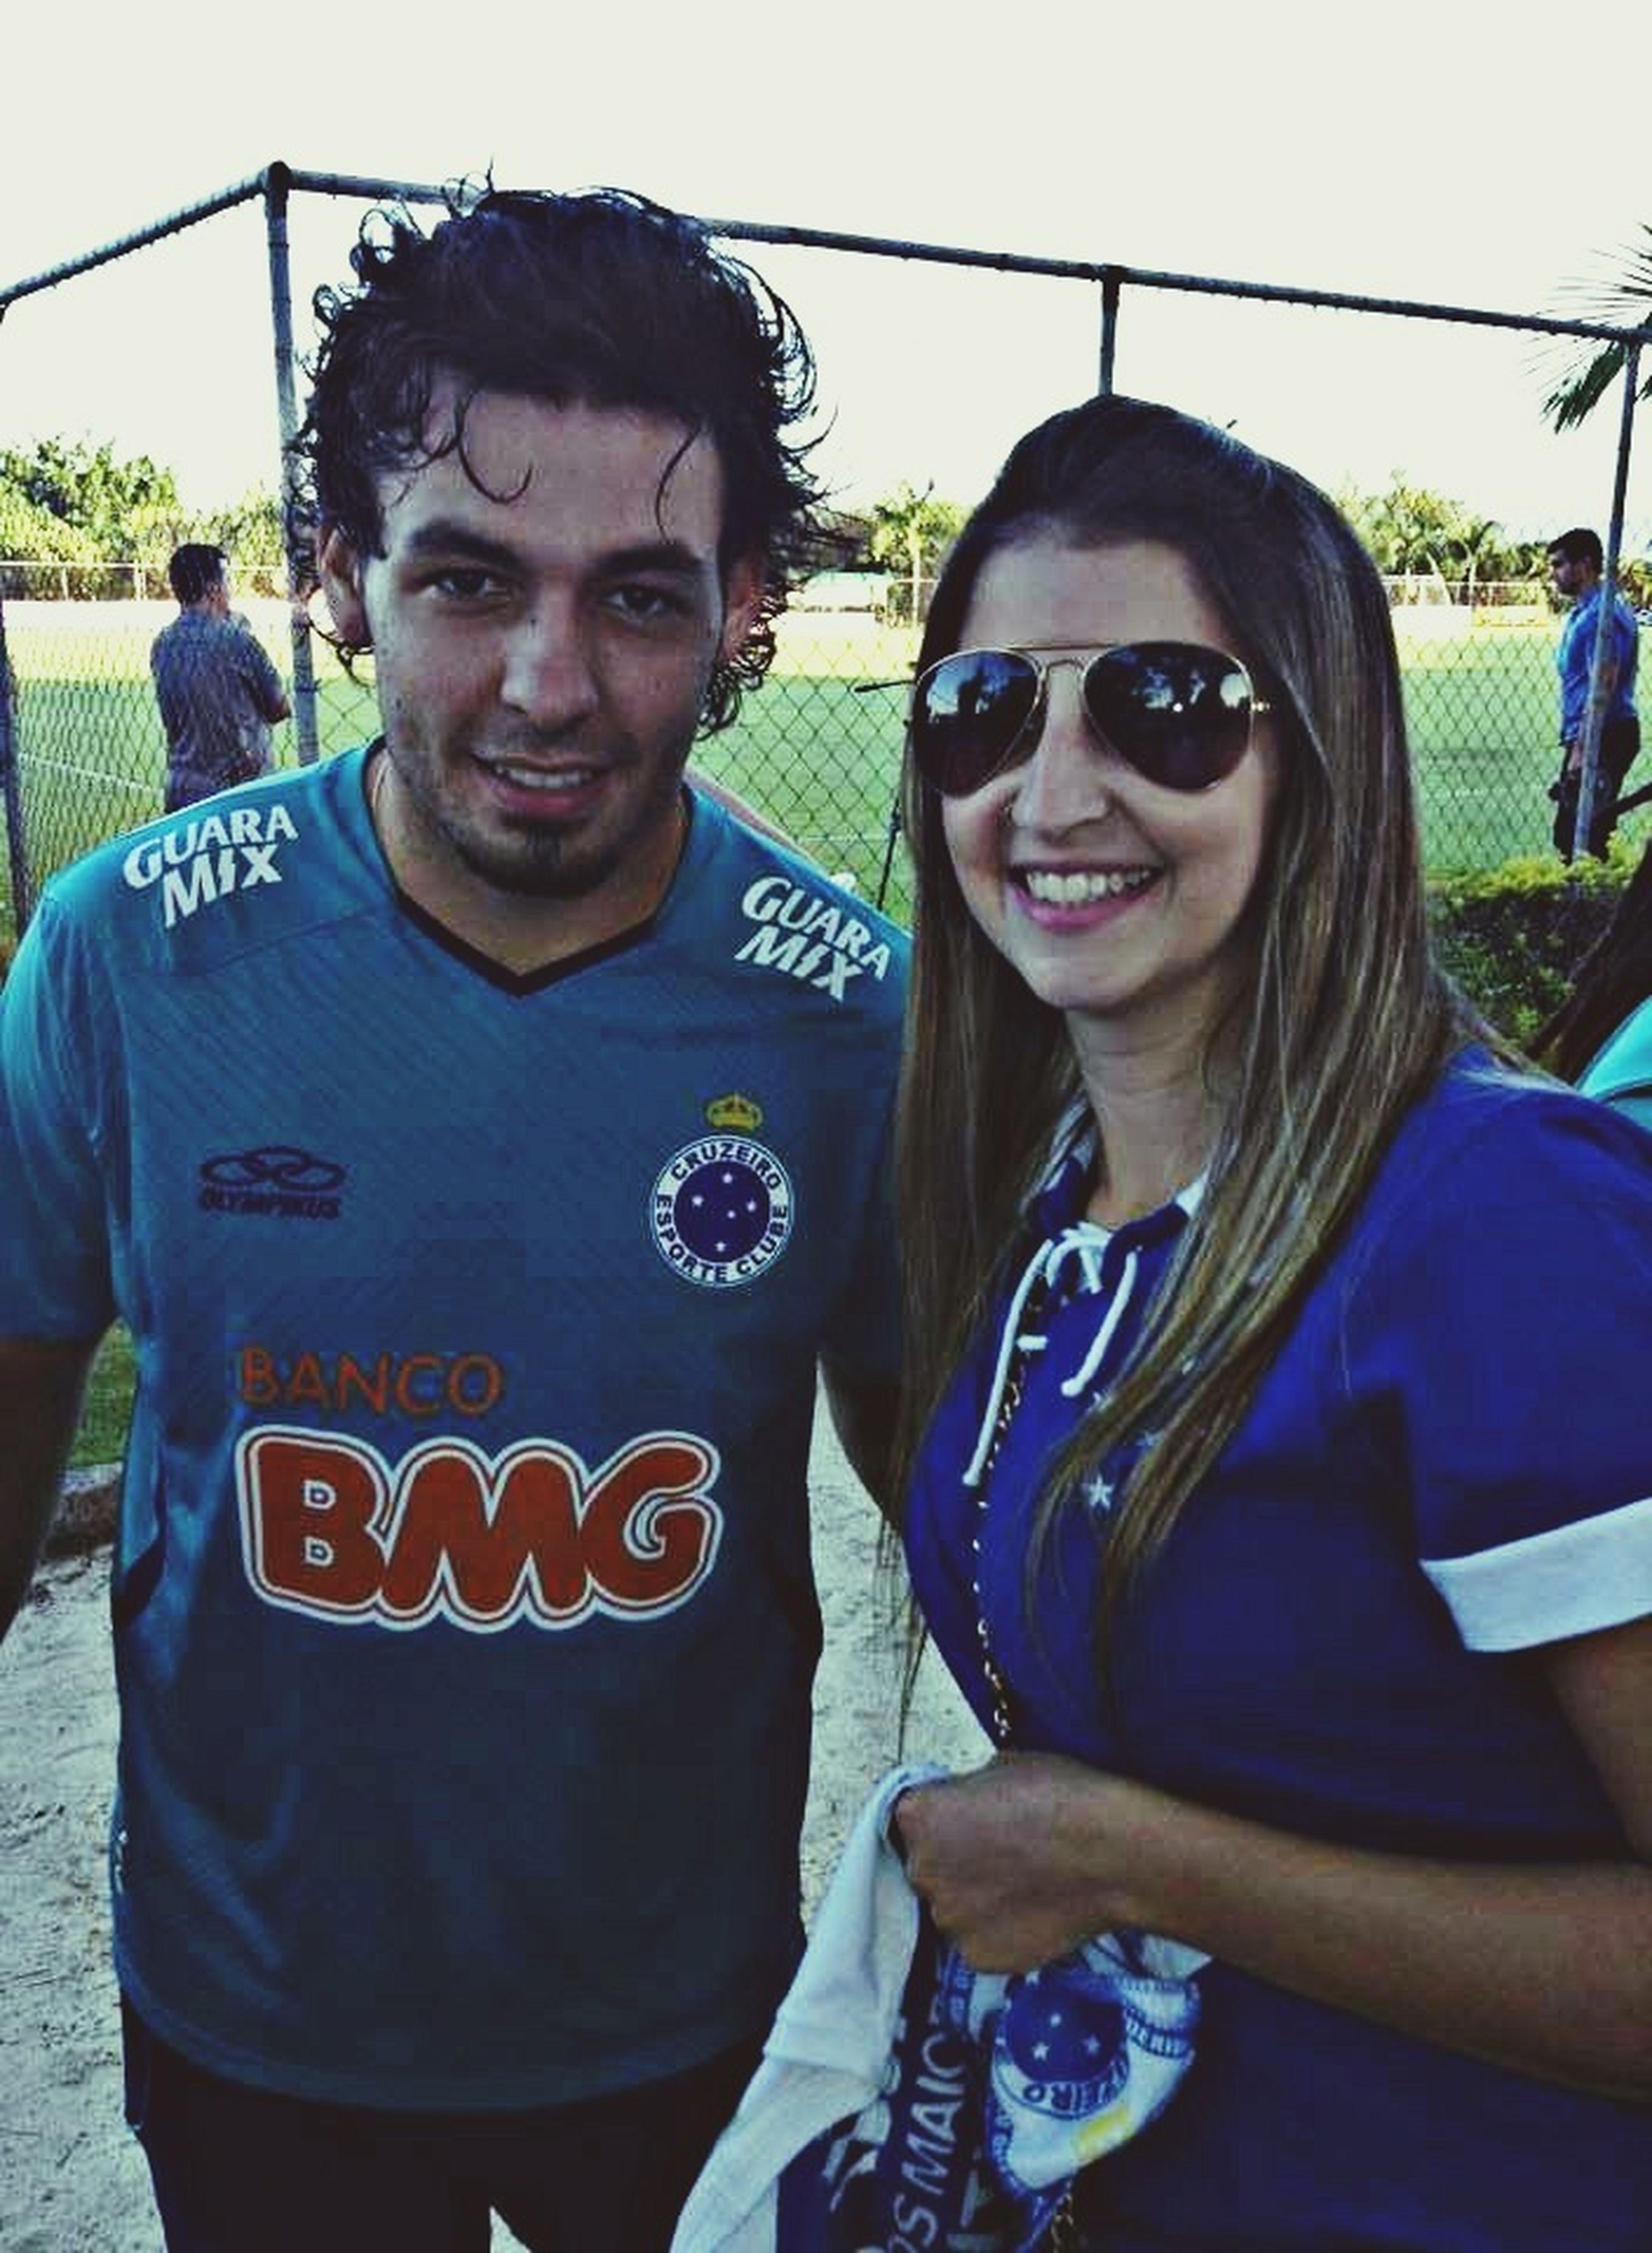 Aqui é Cruzeiro